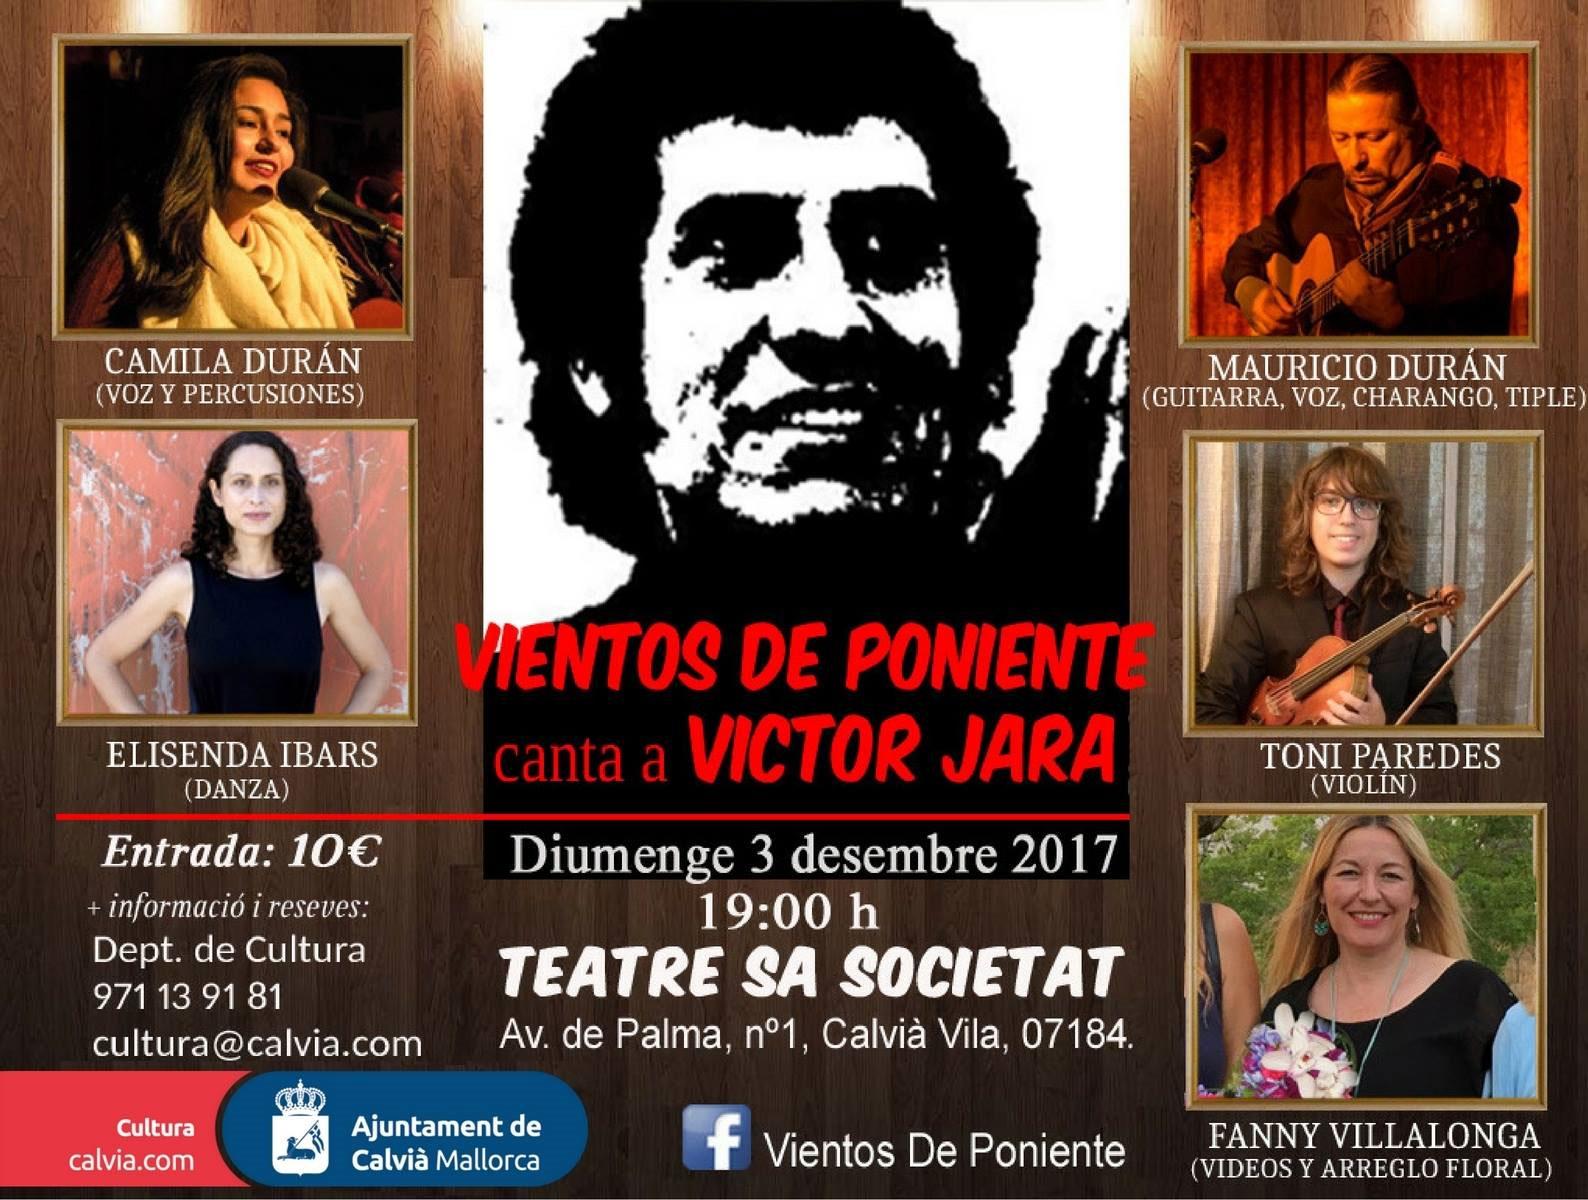 concierto-victor-jara